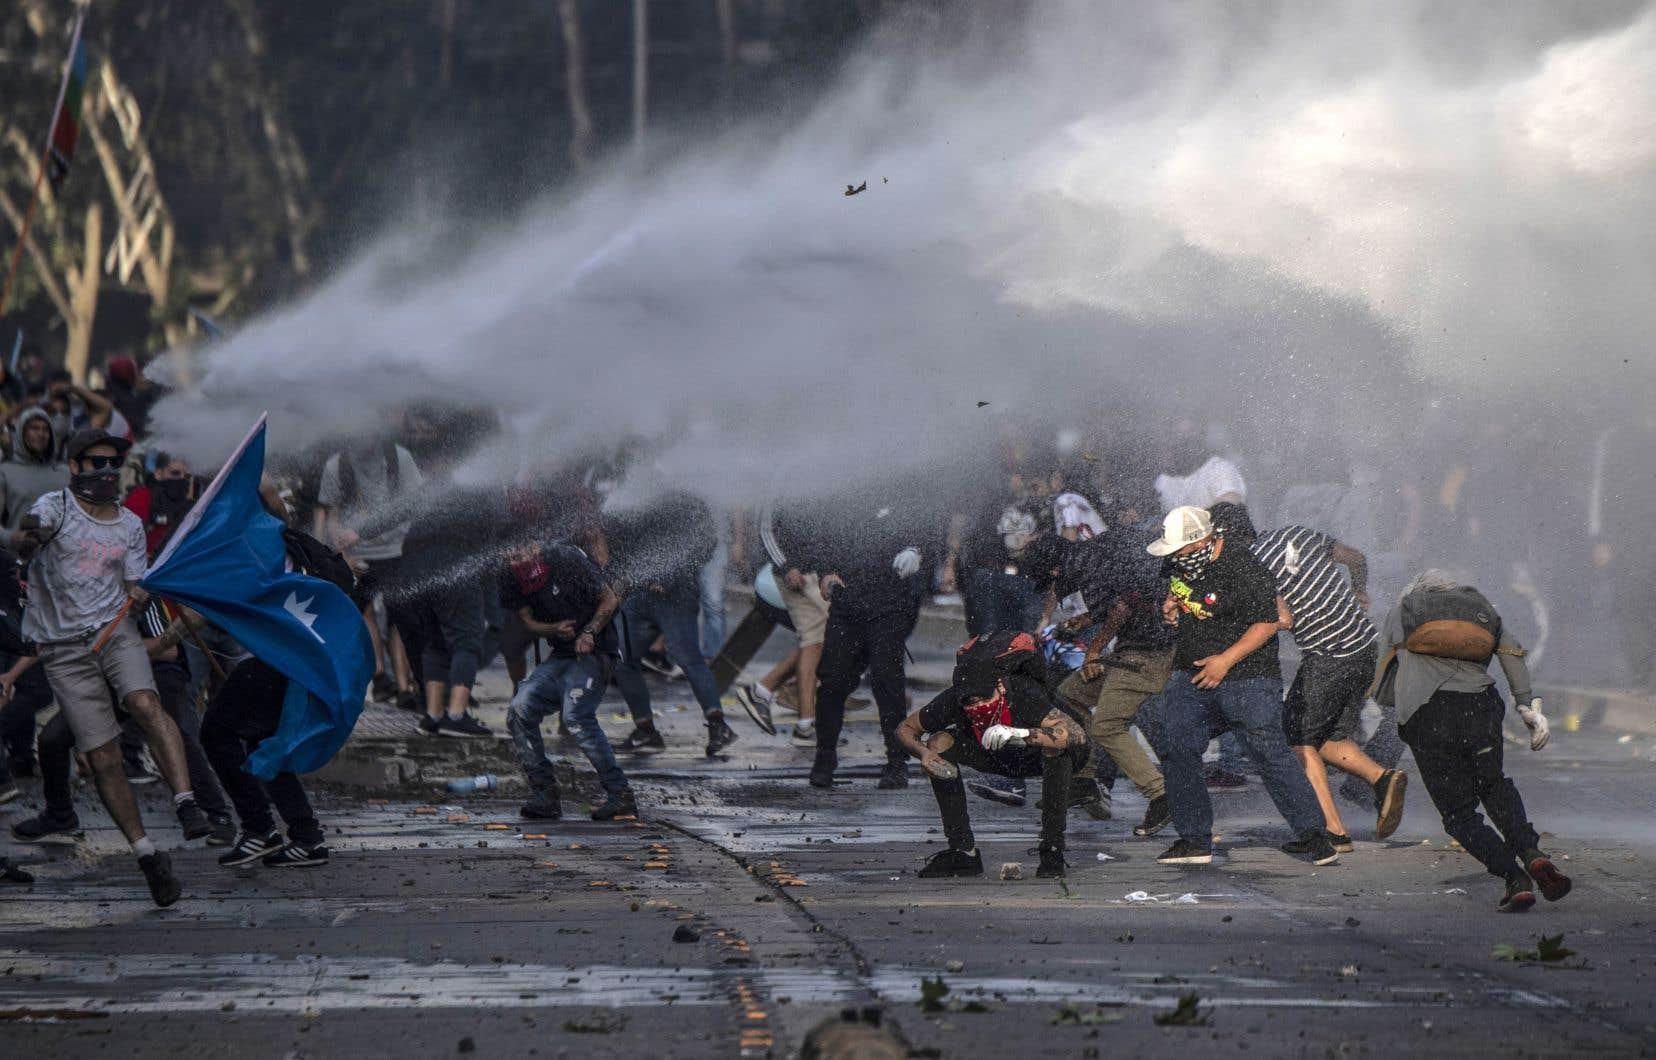 «L'héritage de la dictature militaire chilienne s'immisce bel et bien dans chaque recoin des événements actuels», souligne l'auteure.